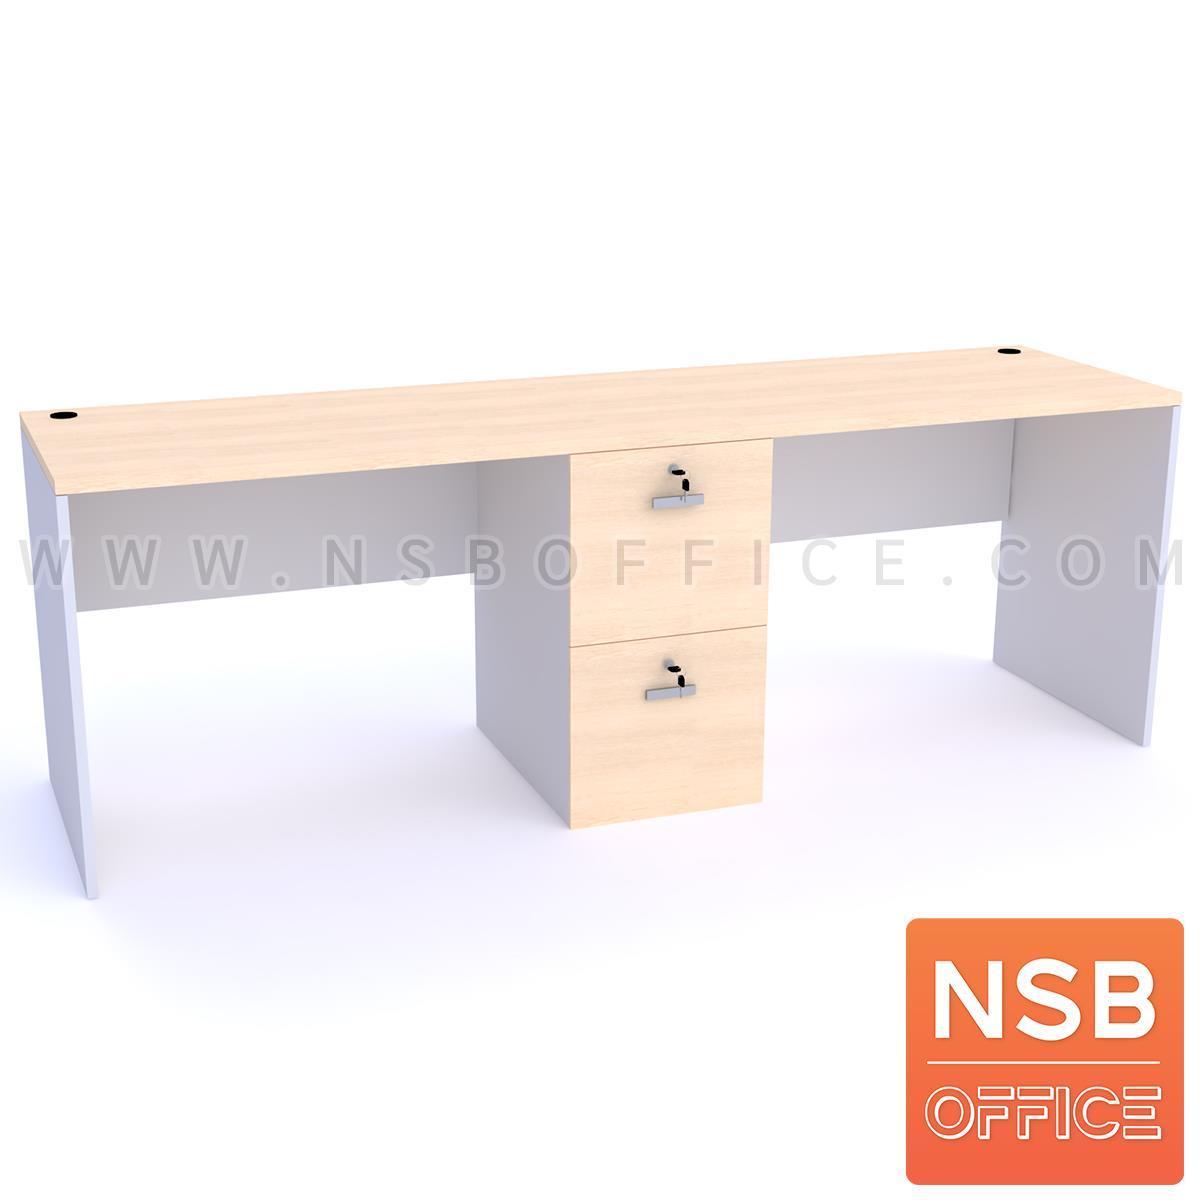 A13A218:โต๊ะทำงาน 2 ที่นั่ง รุ่น Irene (ไอรีน) ลิ้นชักตรงกลาง ขนาด 220W*60D*75H cm.